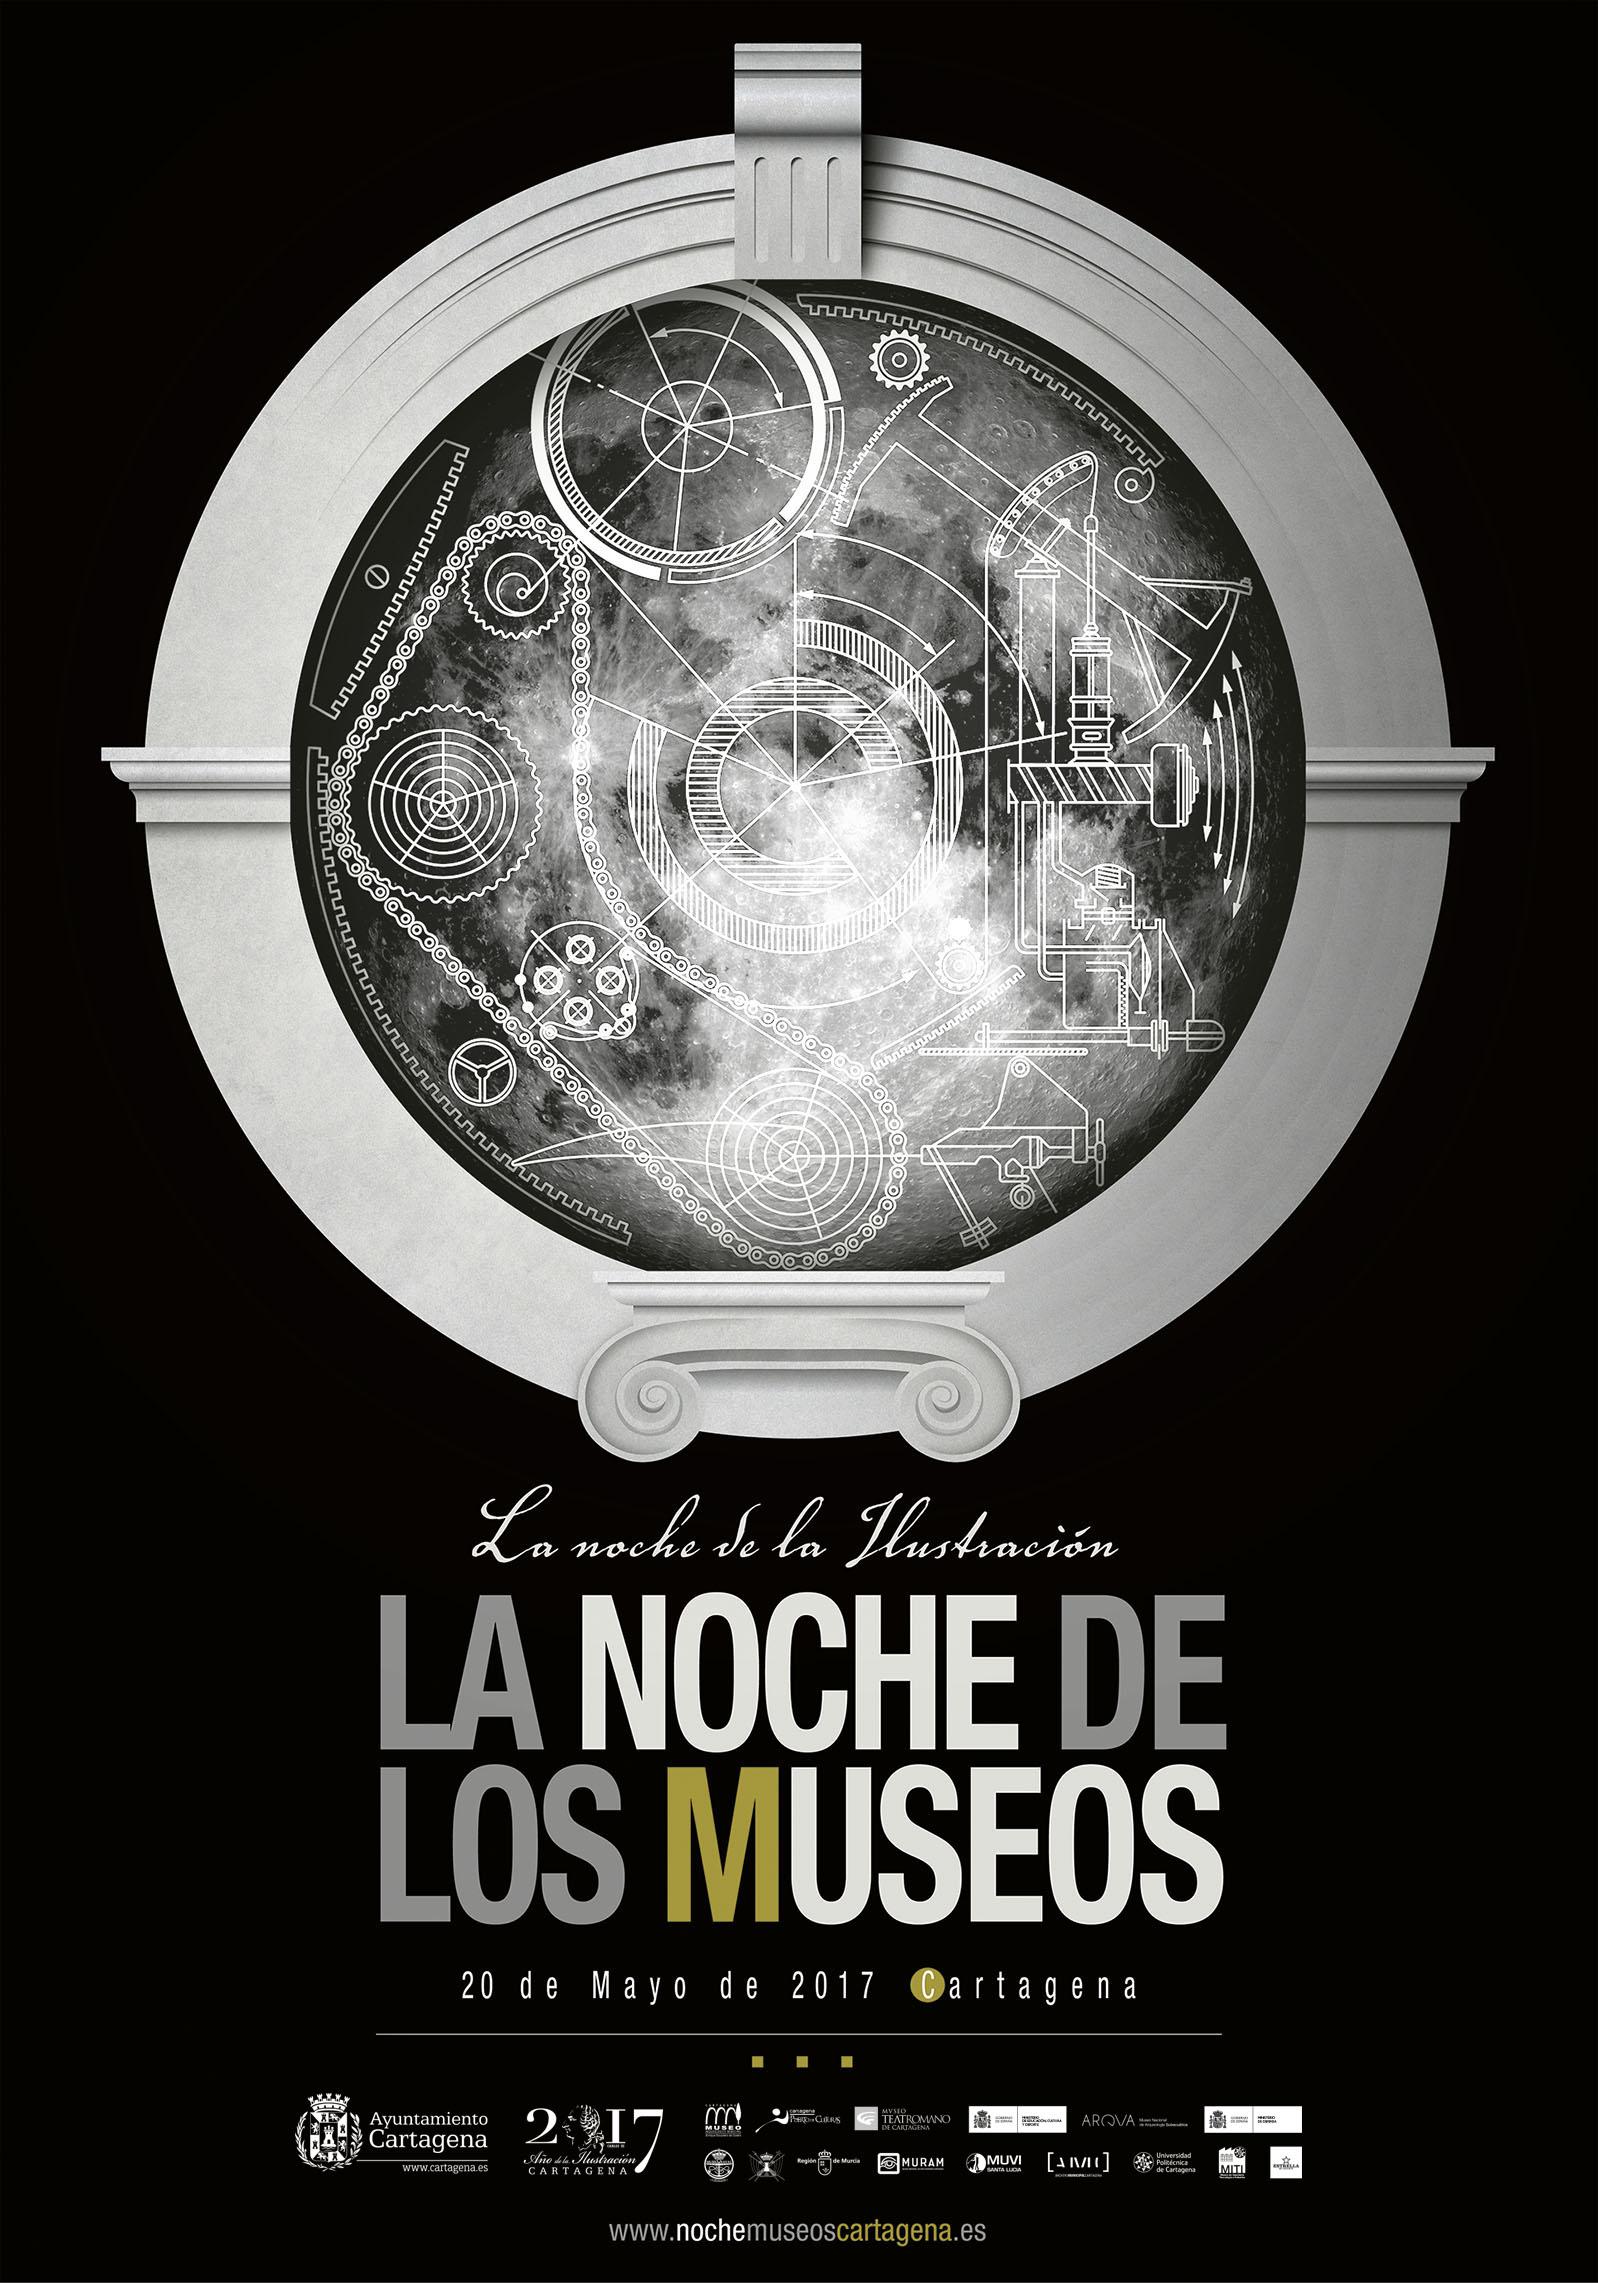 La noche de los museos. La noche de la ilustración. 20 de mayo, Cartagena